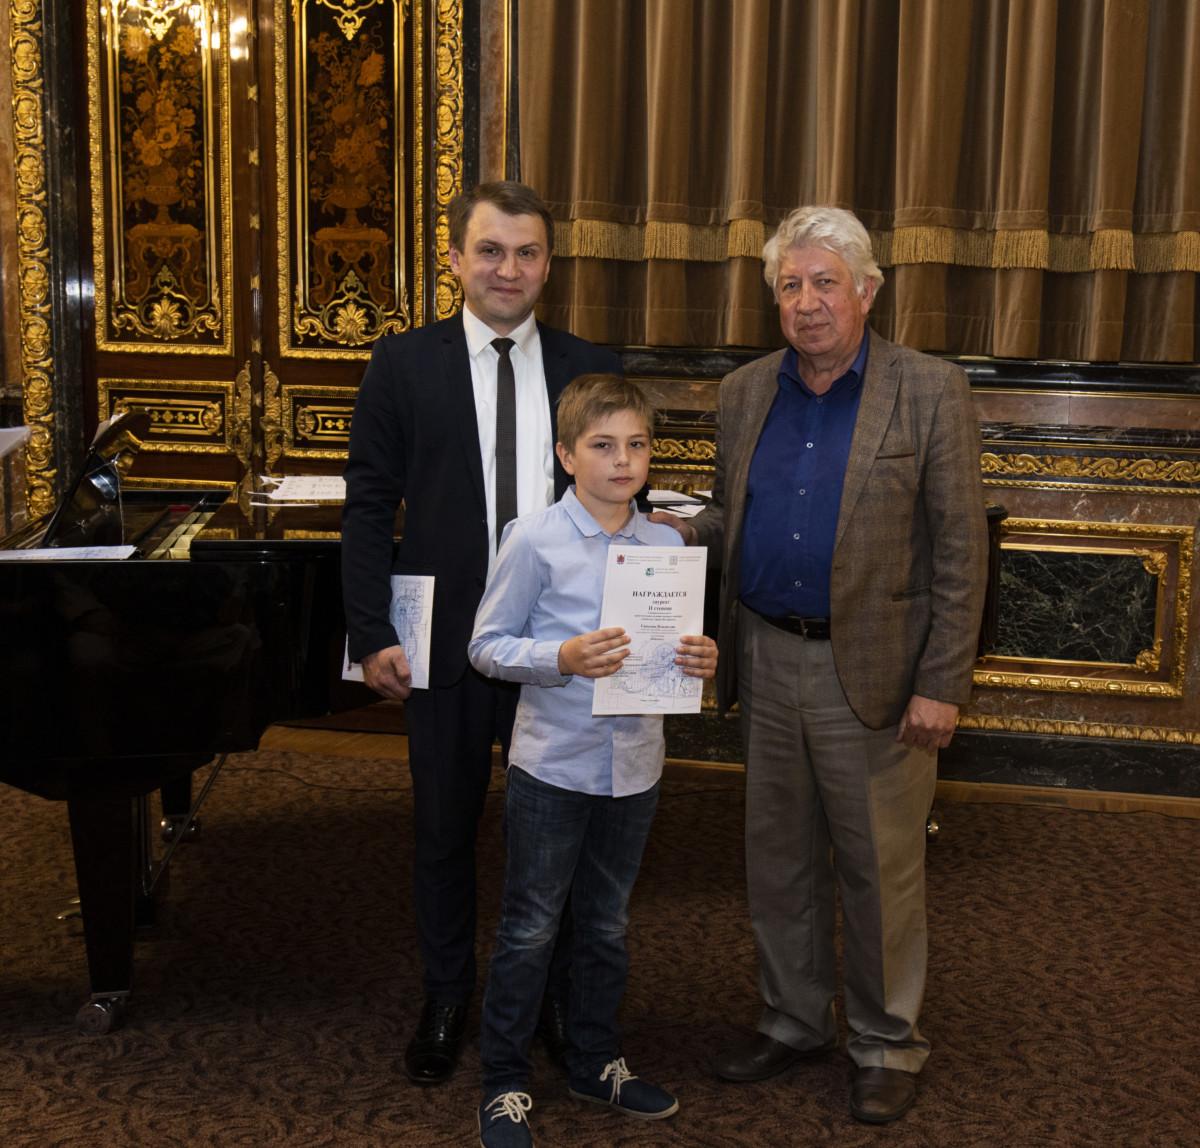 Торжественная церемония закрытия I межрегионального конкурса «Львы на страже Санкт-Петербурга»